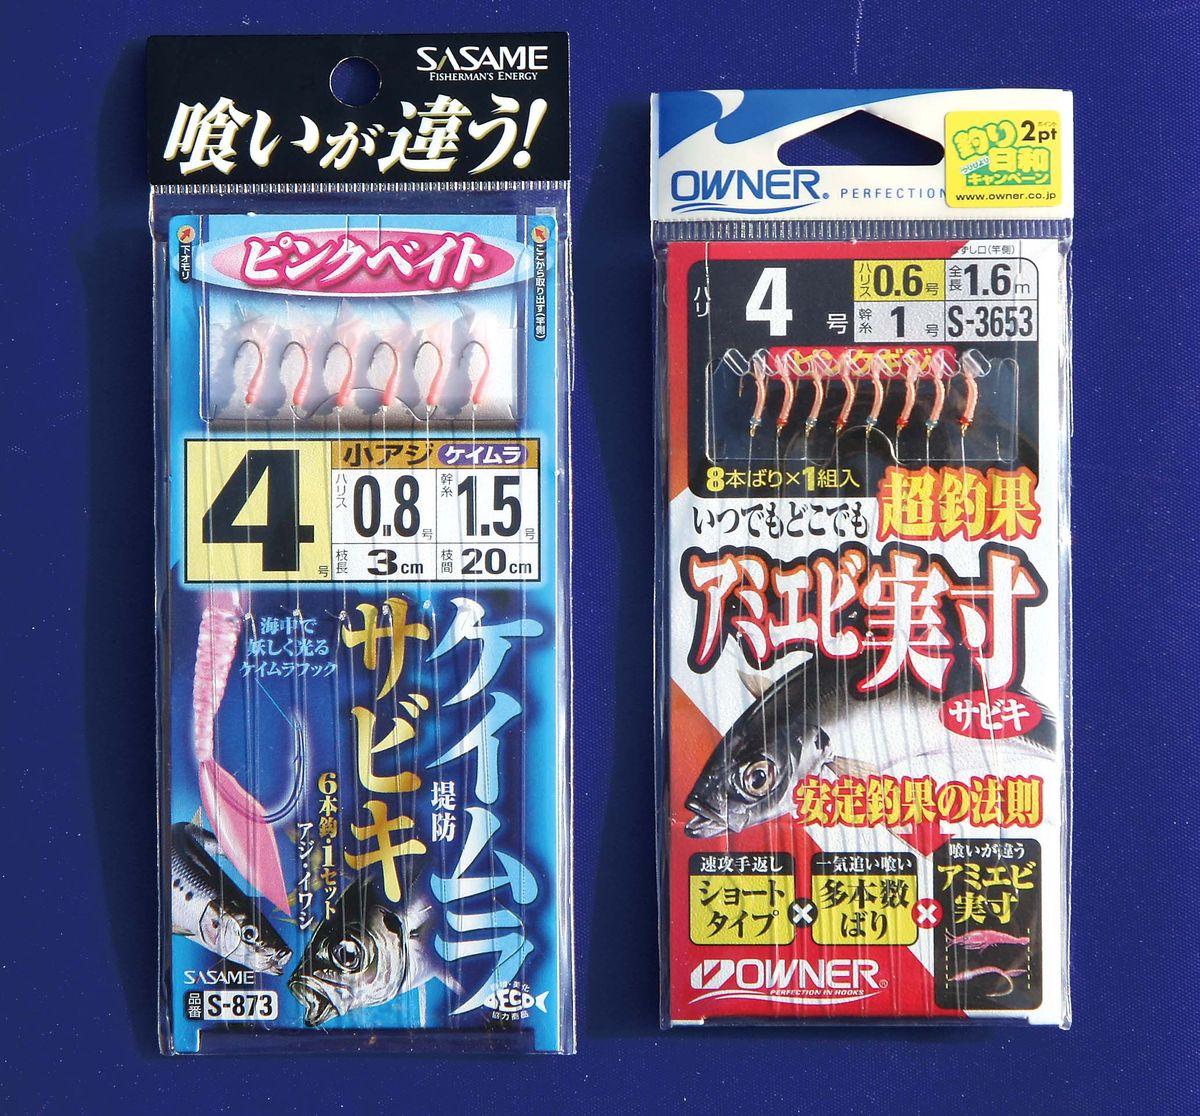 132-135honomoku-shikoiwashi_cs6 (15)